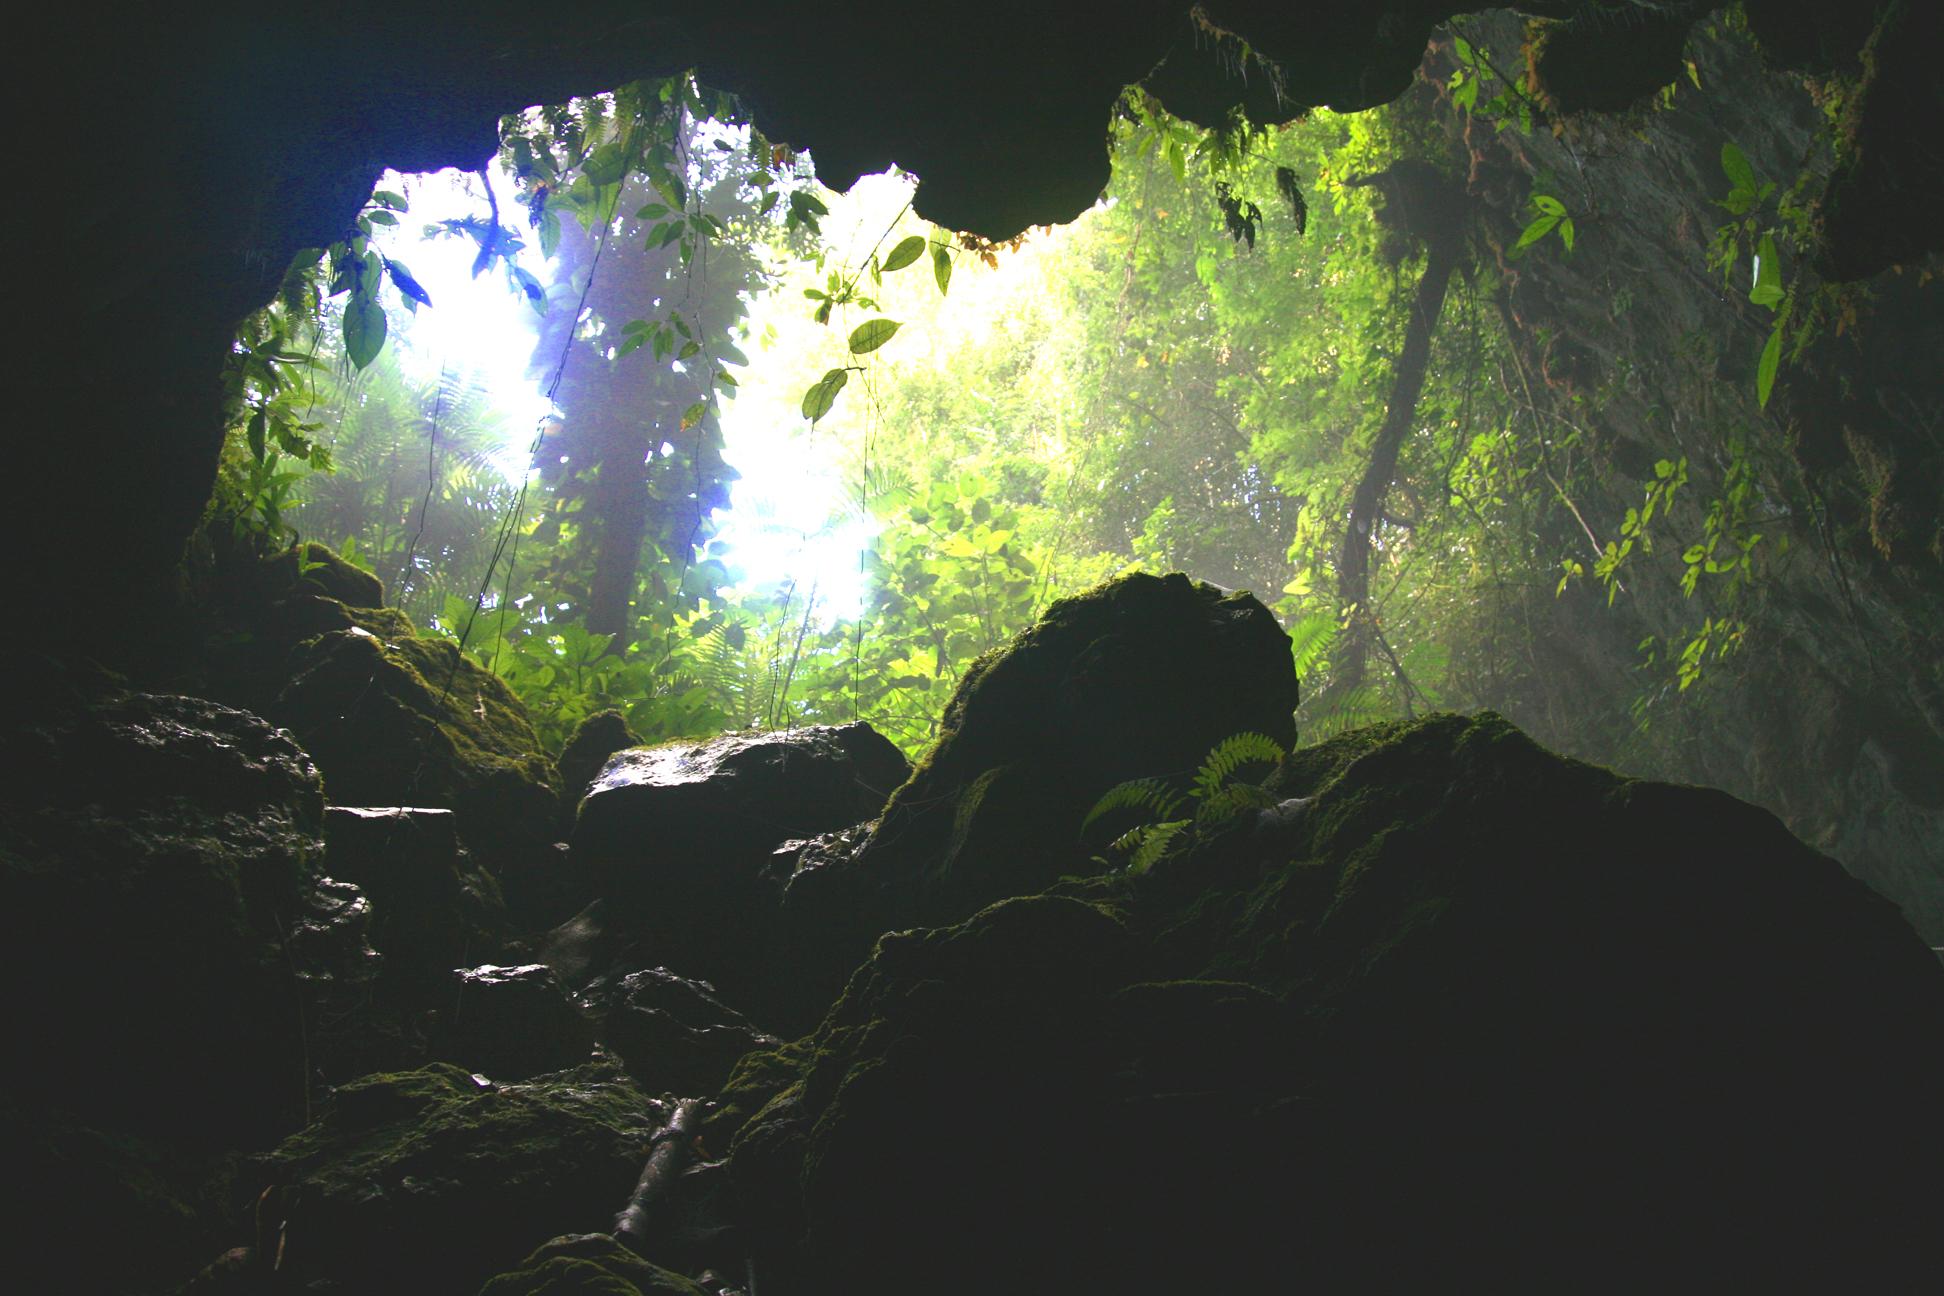 caveforgottendreams